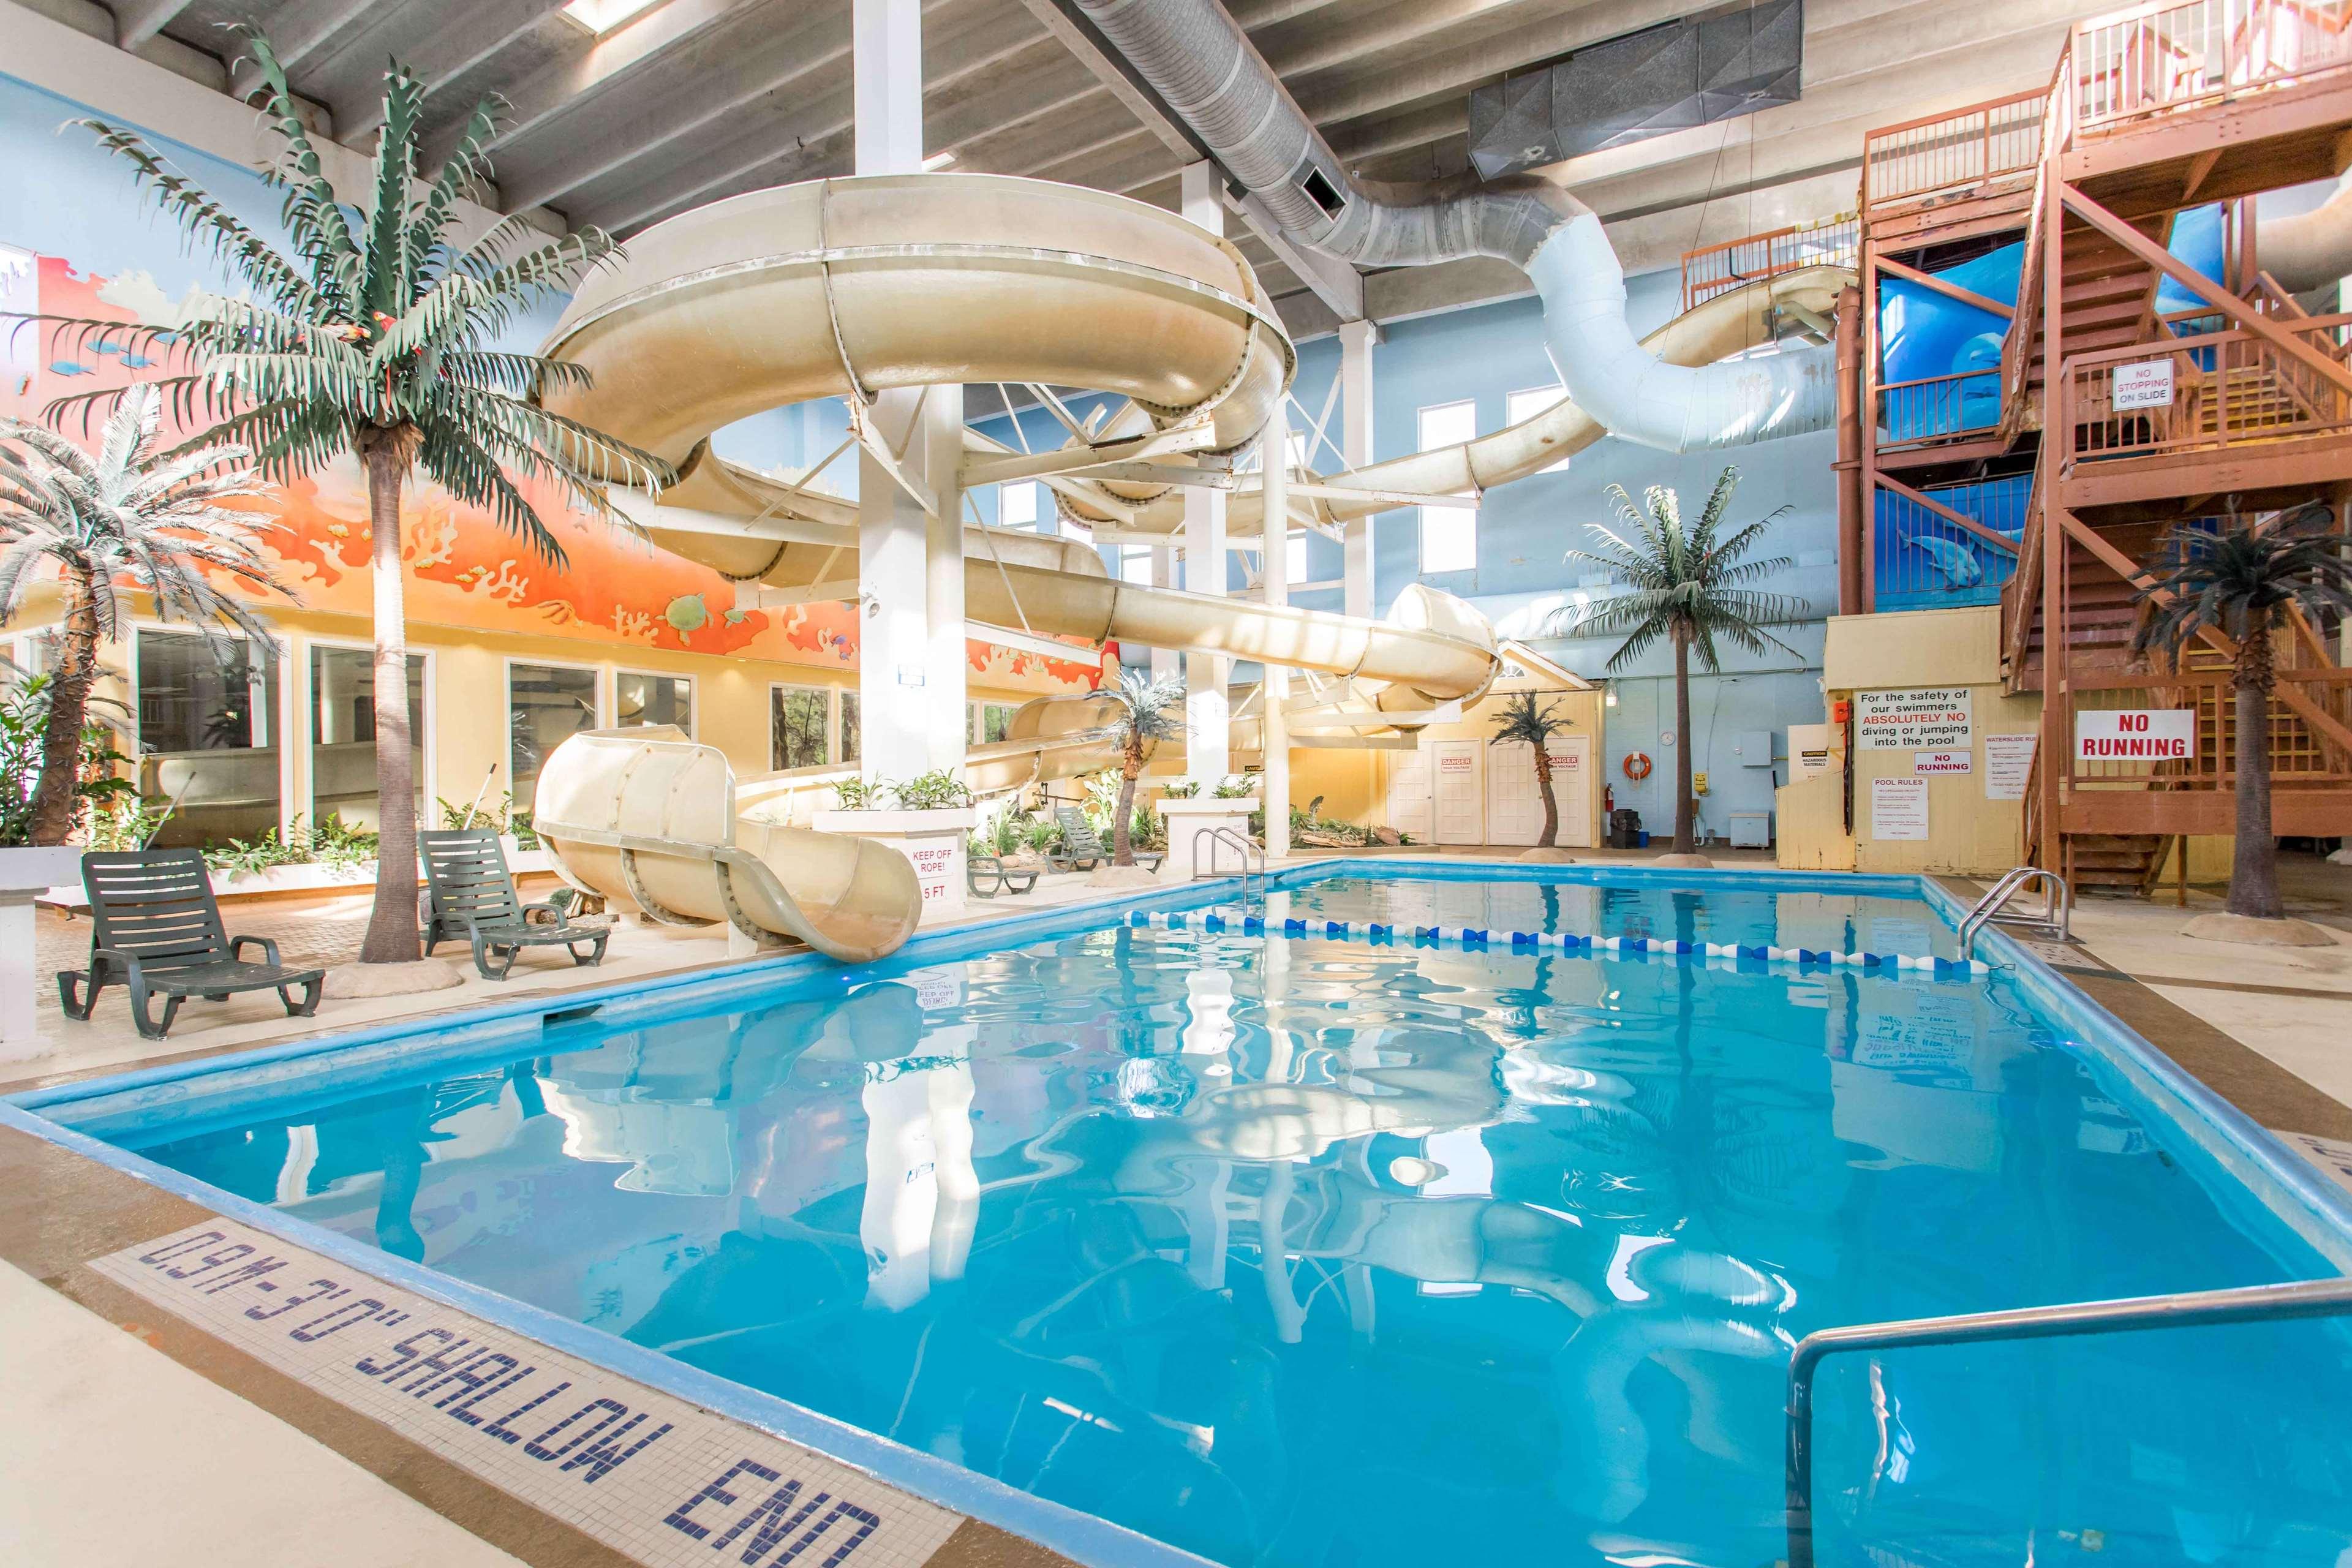 SureStay Plus Hotel by Best Western Seven Oaks in Regina: Juggernaut water slide and pool